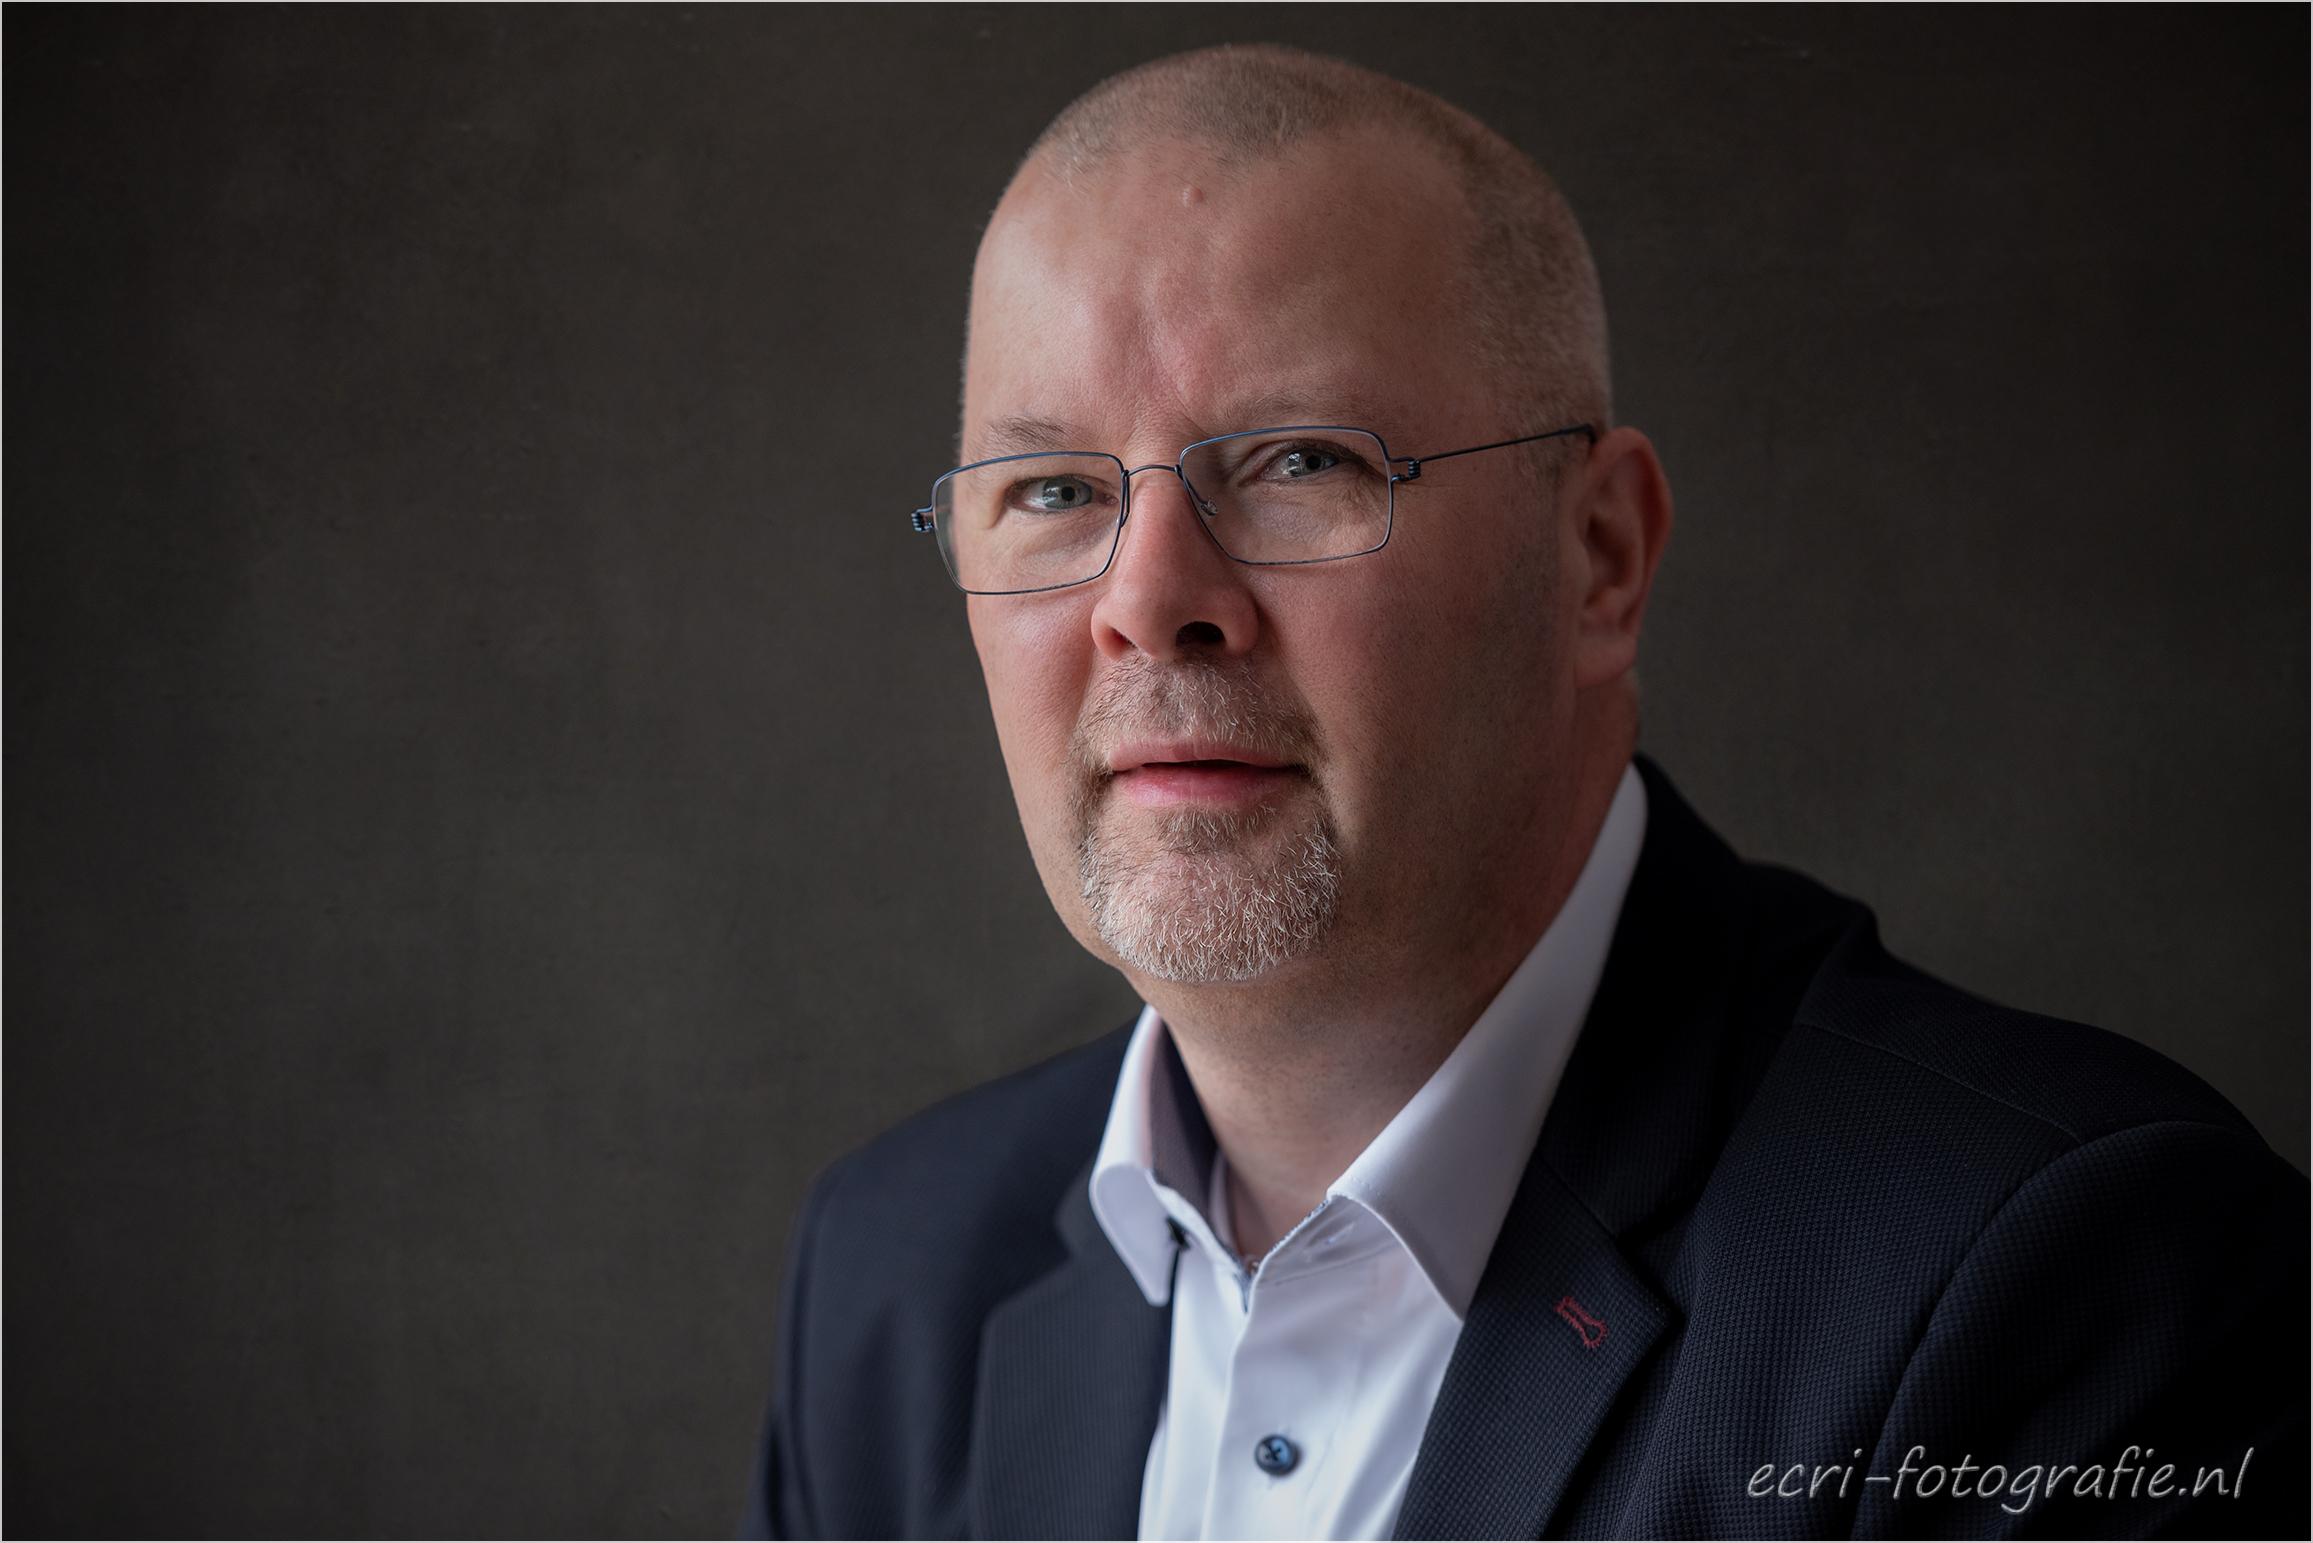 headshot, LinkedIn, zakelijk portret, ecri-fotografie, Eric de jonge, ecri-fotografie.nl